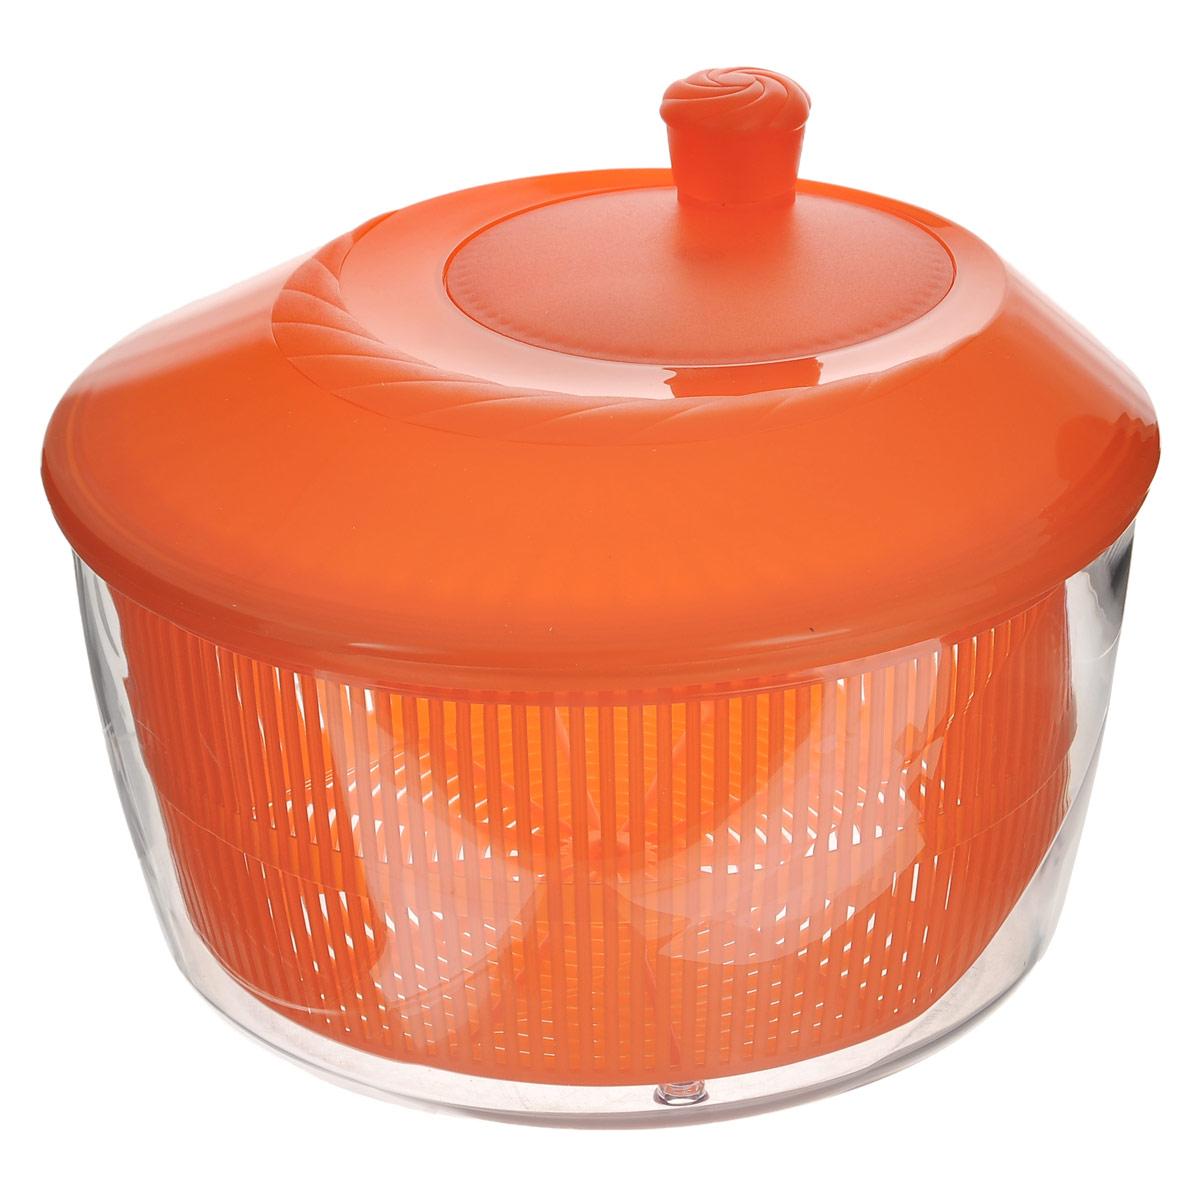 Сушилка для зелени Cosmoplast, цвет: оранжевый, 4,2 л0003Сушилка для зелени Cosmoplast, выполненная из пищевого пластика, состоит из прозрачной емкости, сита и крышки с кнопкой. С ее помощью можно просушивать зелень, салаты и многое другое. Вращением ручки на крышке приводится в действие вращательный механизм, и лишняя влага оседает внизу. Сушилка достаточно вместительная, что позволит ваш просушить сразу весь уже нарезанный салат. Сушилка легко моется и разбирается, что гарантирует максимальную гигиену. Эффект антискольжения обеспечивают удобные ножки и ручка вращения. Функциональность, прочность и универсальность сделают такую сушилку незаменимым аксессуаром для приготовления ваших любимых блюд.Объем: 4,2 л. Диаметр (по верхнему краю): 26 см. Высота (без учета крышки): 13 см. Высота (с учетом крышки): 18 см.